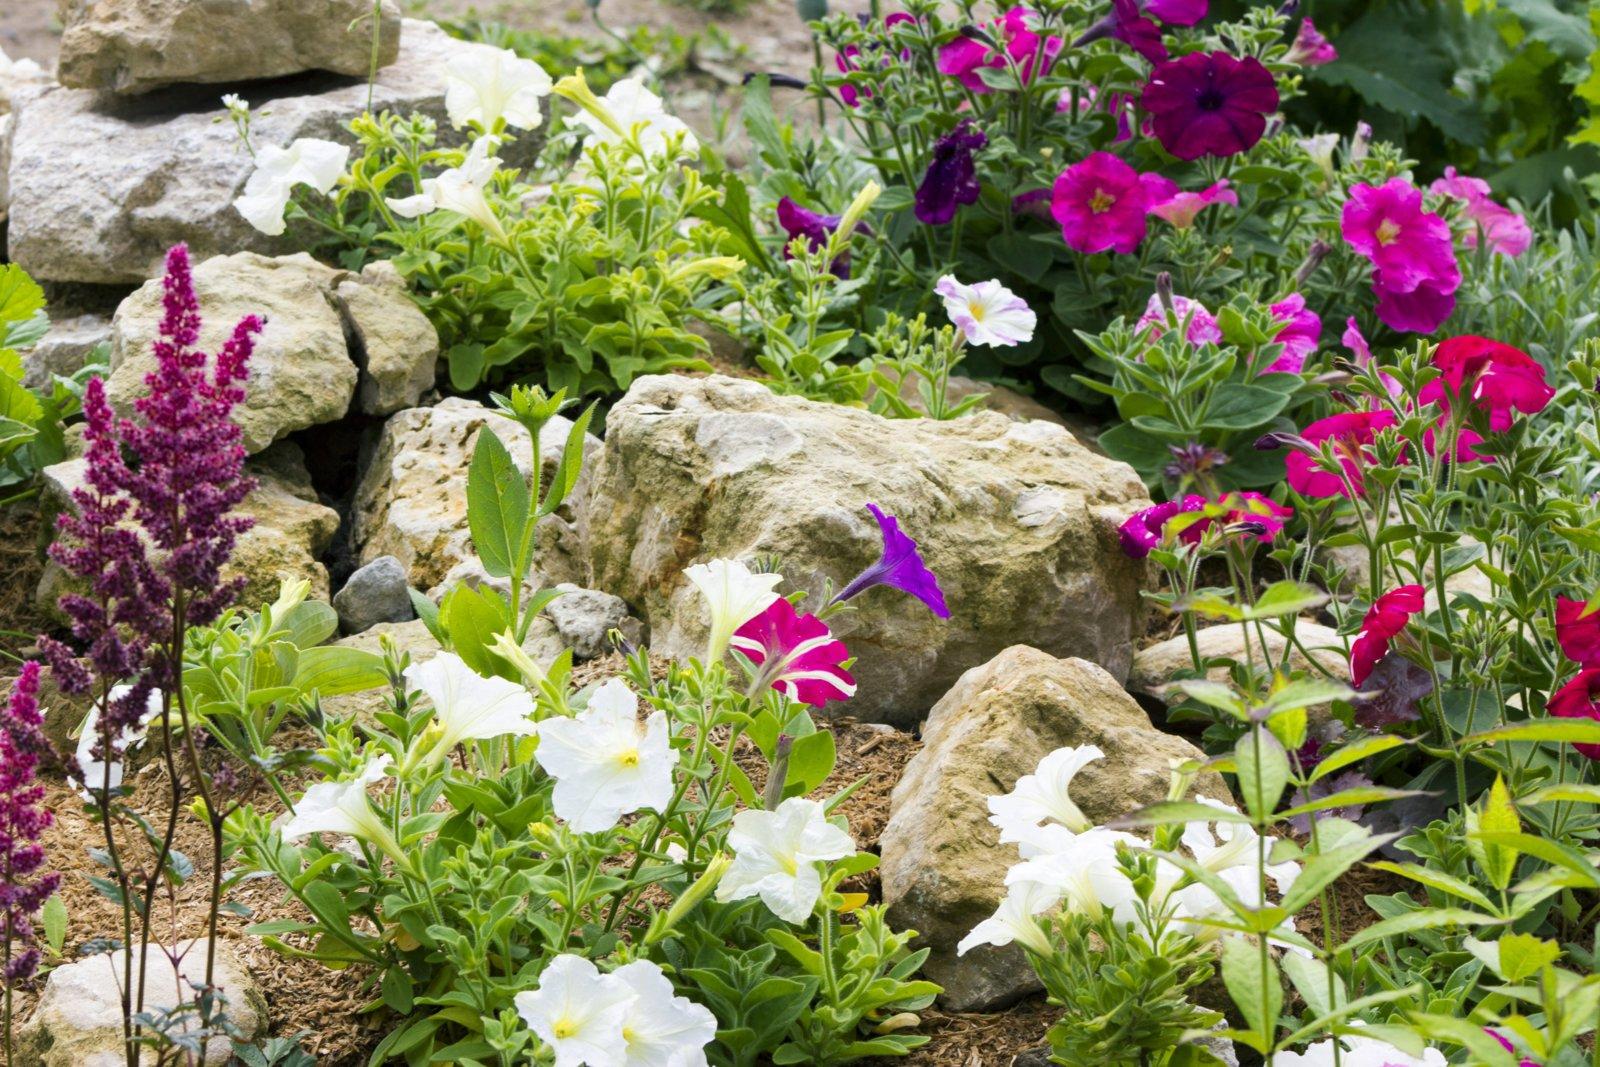 Rock garden with flowers_0.JPG